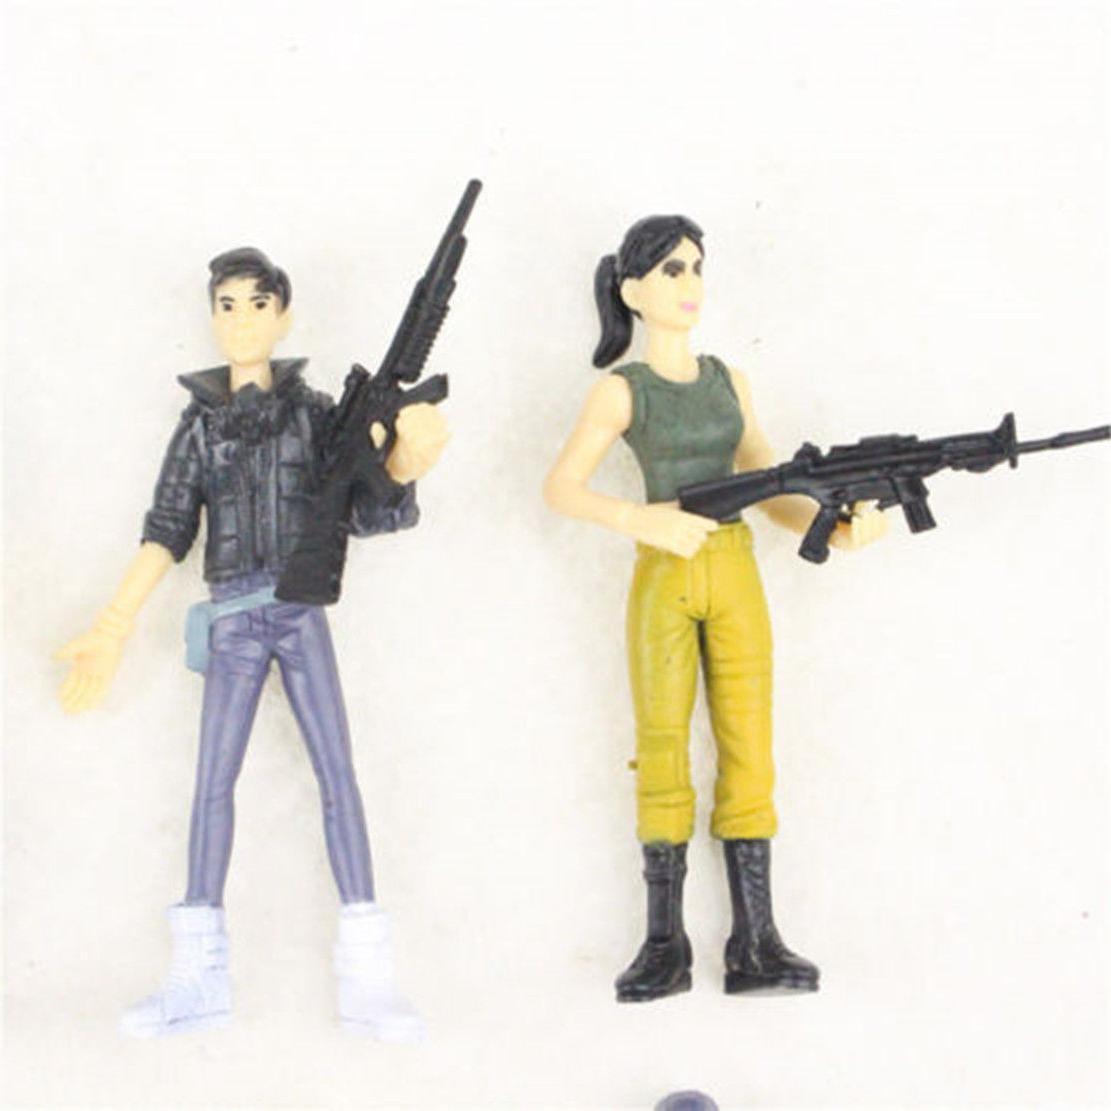 Xmas 16 Trooper Outlander